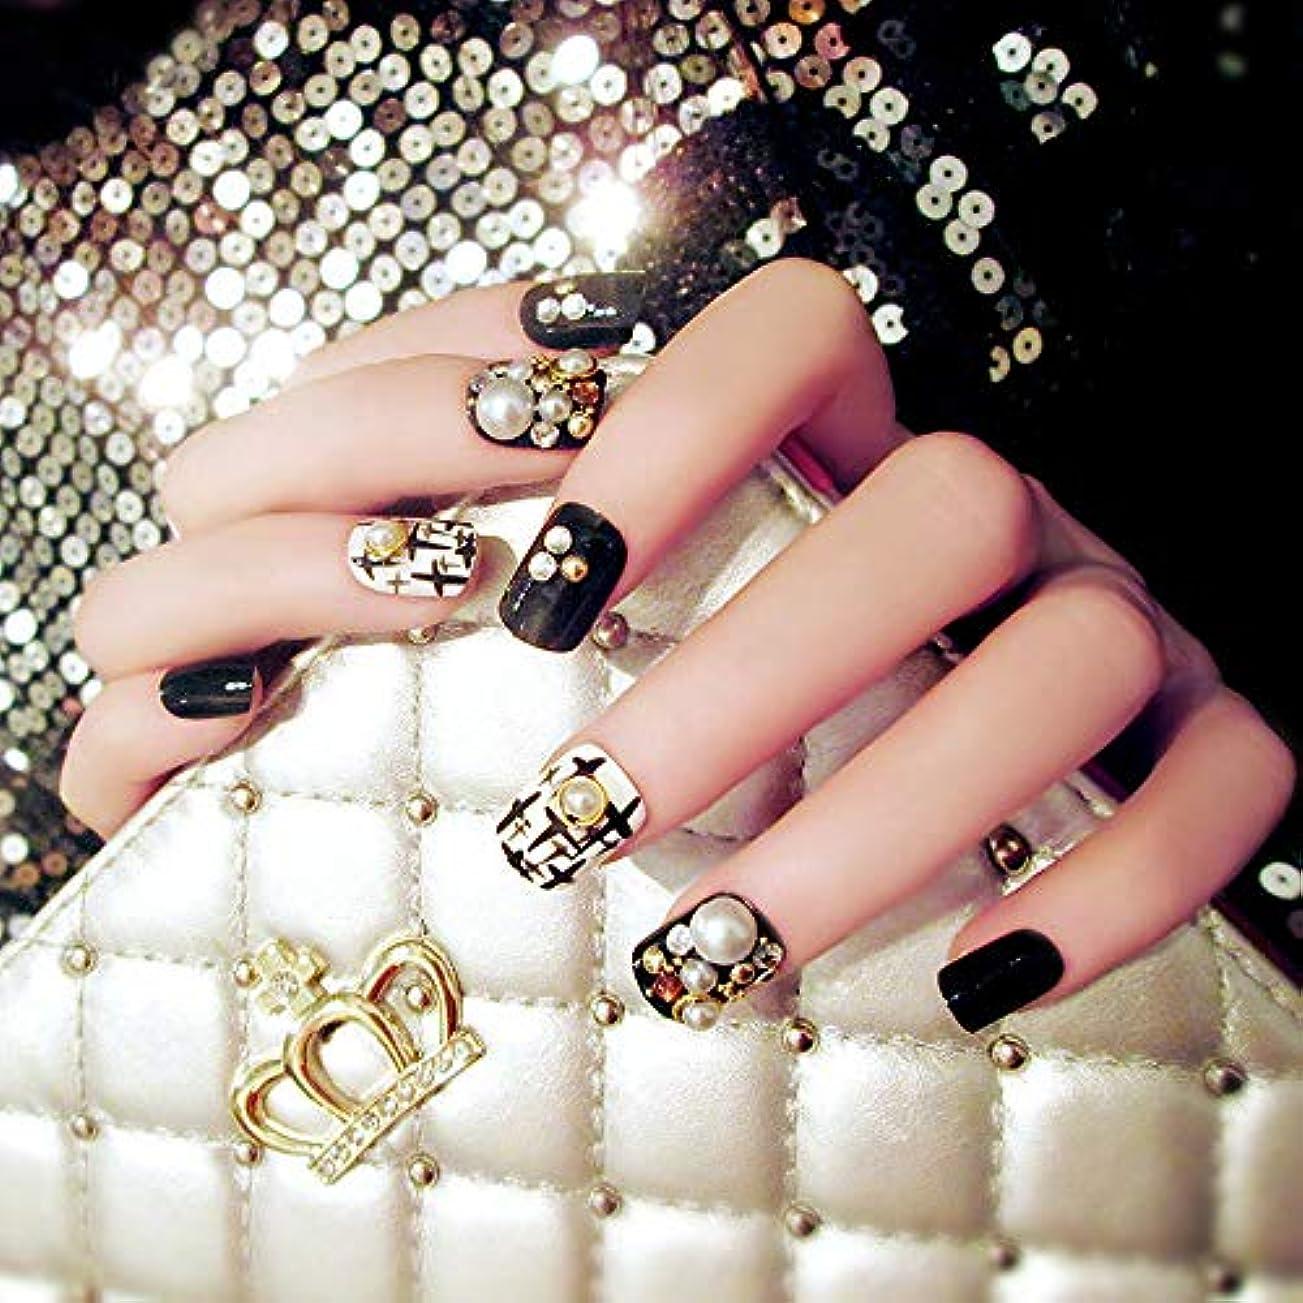 ペスト汚染する配分24本の高品質の美しい偽の黒い爪白真珠のデザイン偽の爪のヒントは偽の爪をカバー